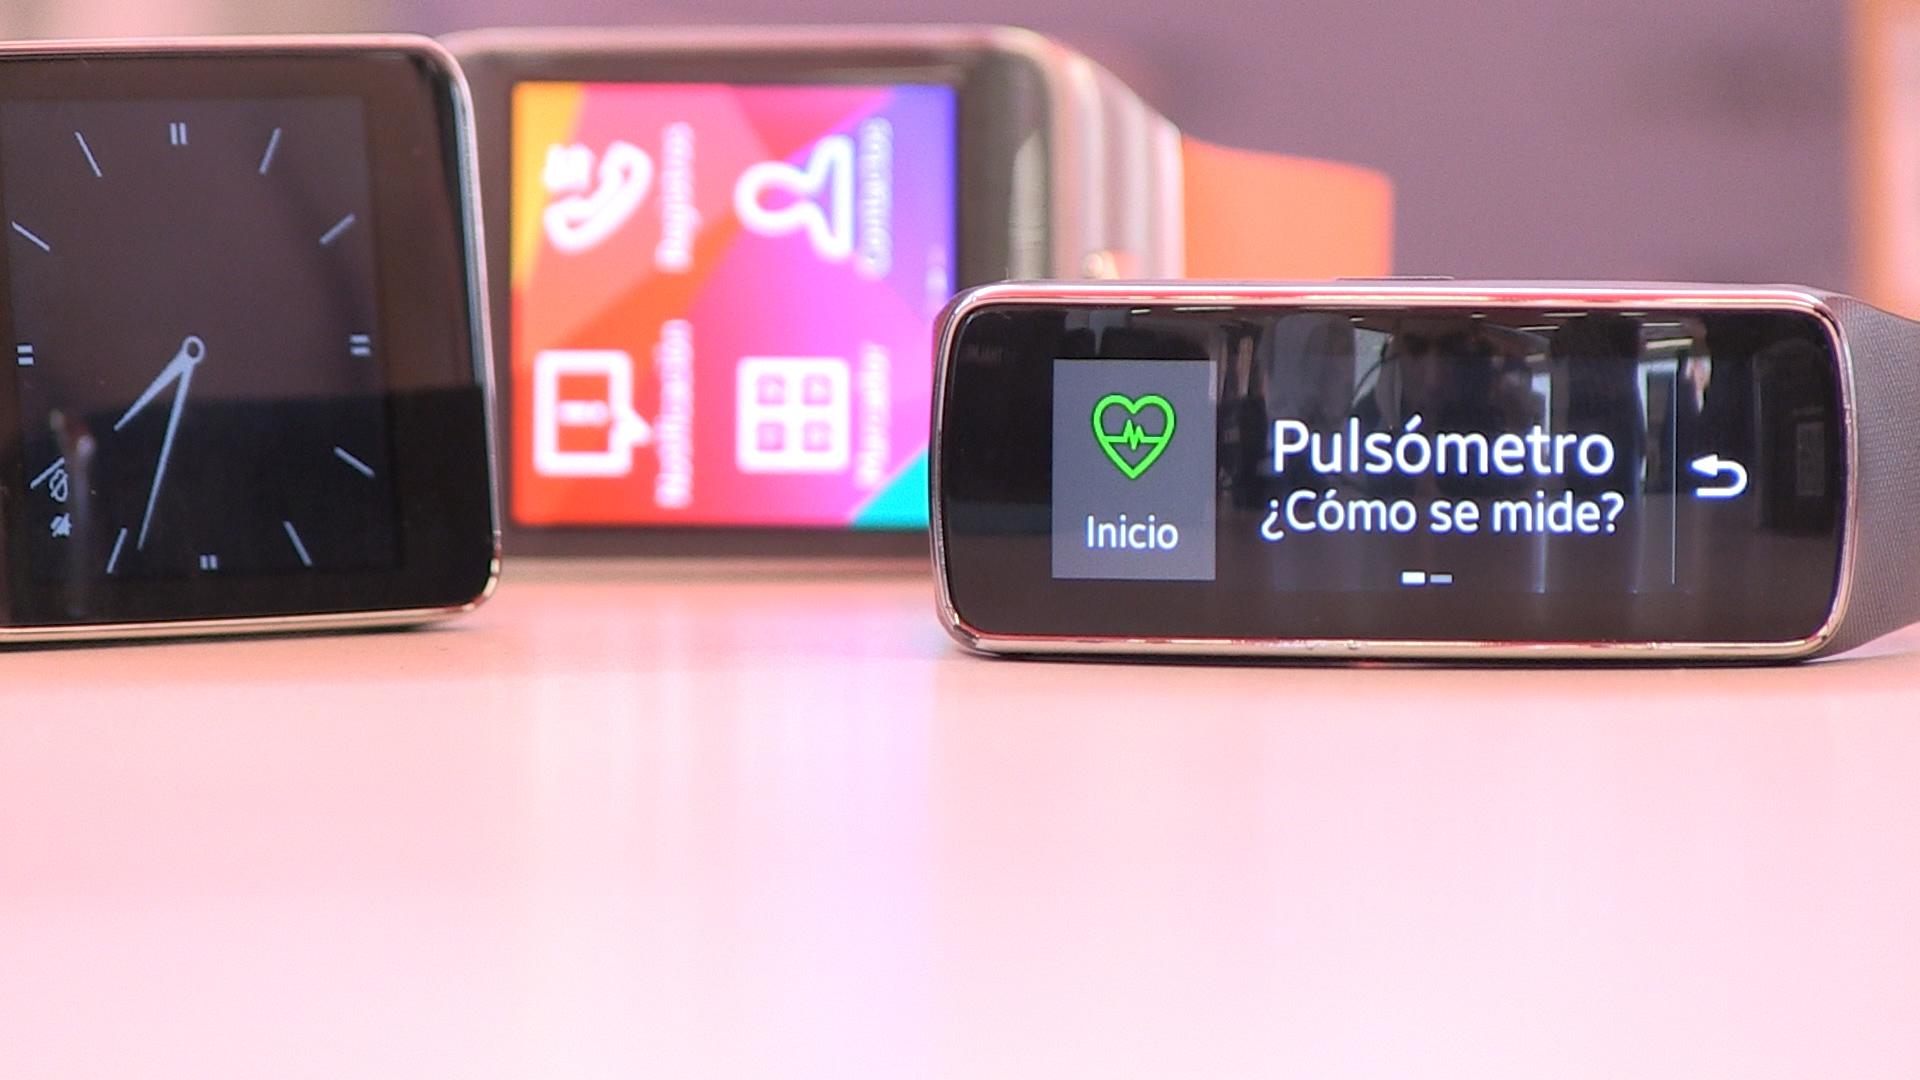 El 81 % de los usuarios de wearables afirma que esta tecnología ha mejorado su salud